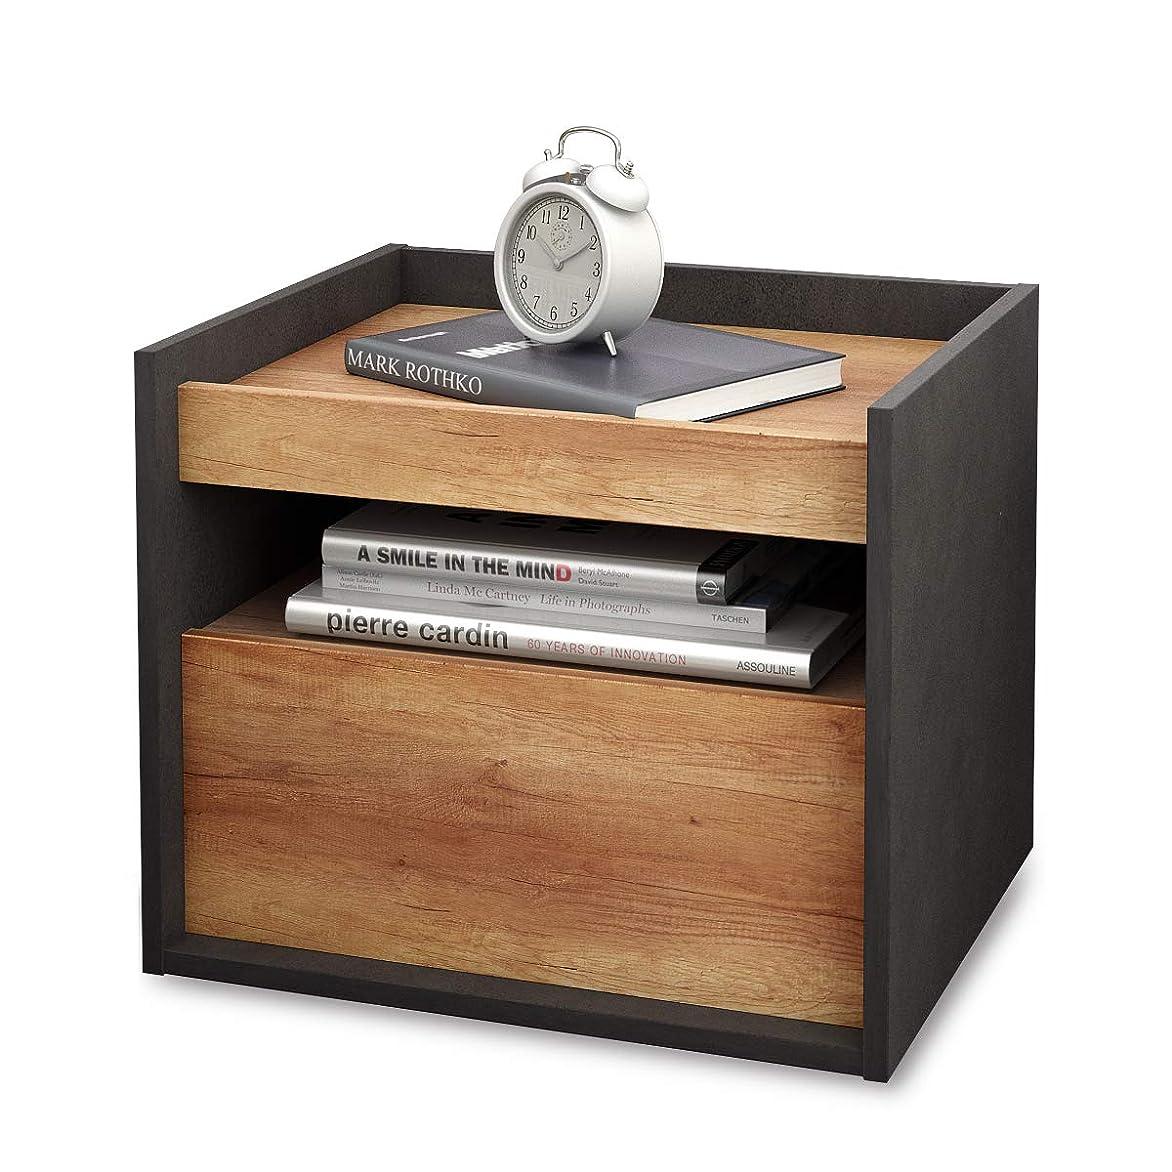 かどうかマークされたセミナーDEVAISE ナイトテーブル ベッドサイドテーブル サイドテーブル 引き出し付き 小物?本などの収納に便利 木製 簡単組立 木目と石柄 おしゃれ 北欧風 WF0008A